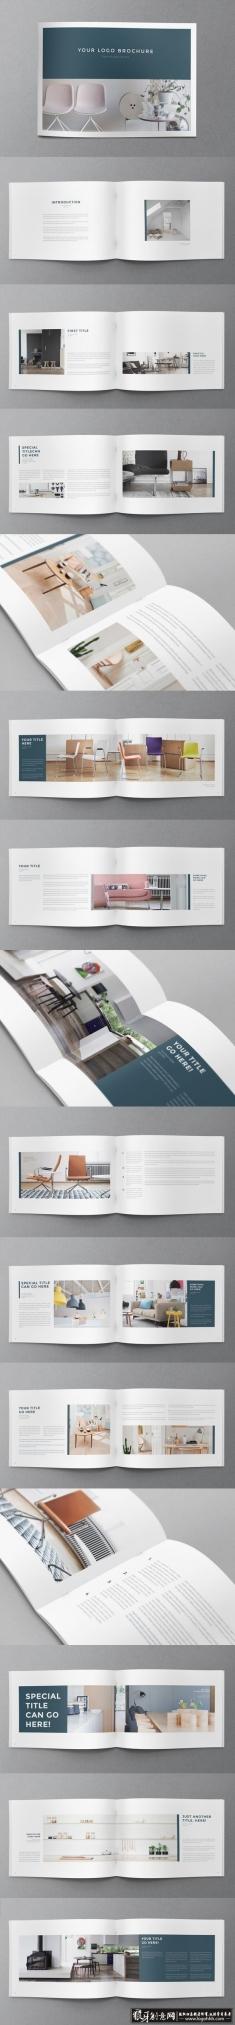 家具画册家居画册 装饰画册 创意画册封面设计 时尚画册 高端画册内页设计 简约宣传册